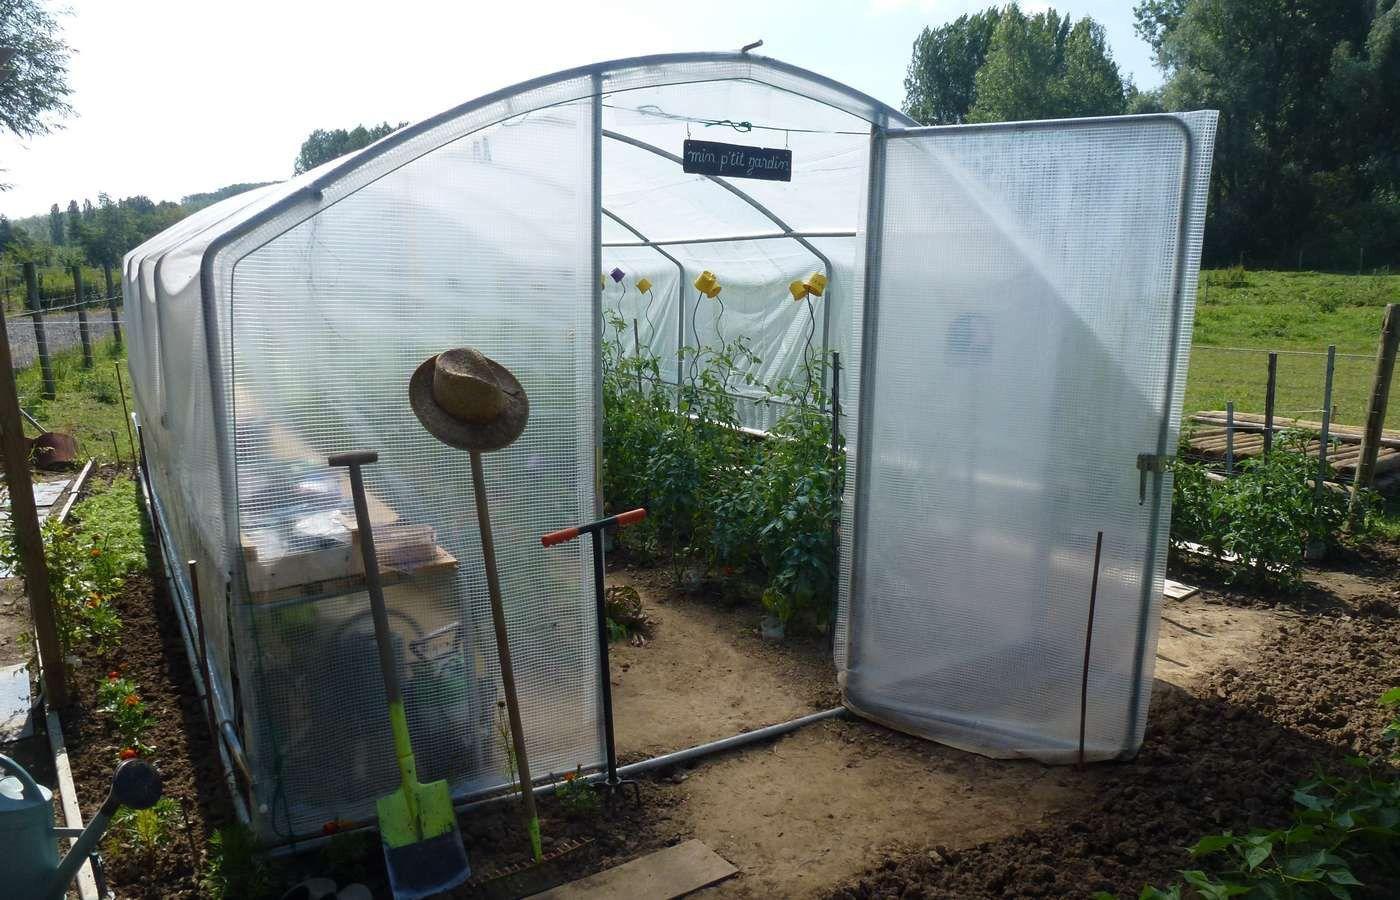 Serre De Jardin 4 Saisons Plus 18M2 400 X 450 Cm Et Kit ... intérieur Serre De Jardin 18M2 Polycarbonate